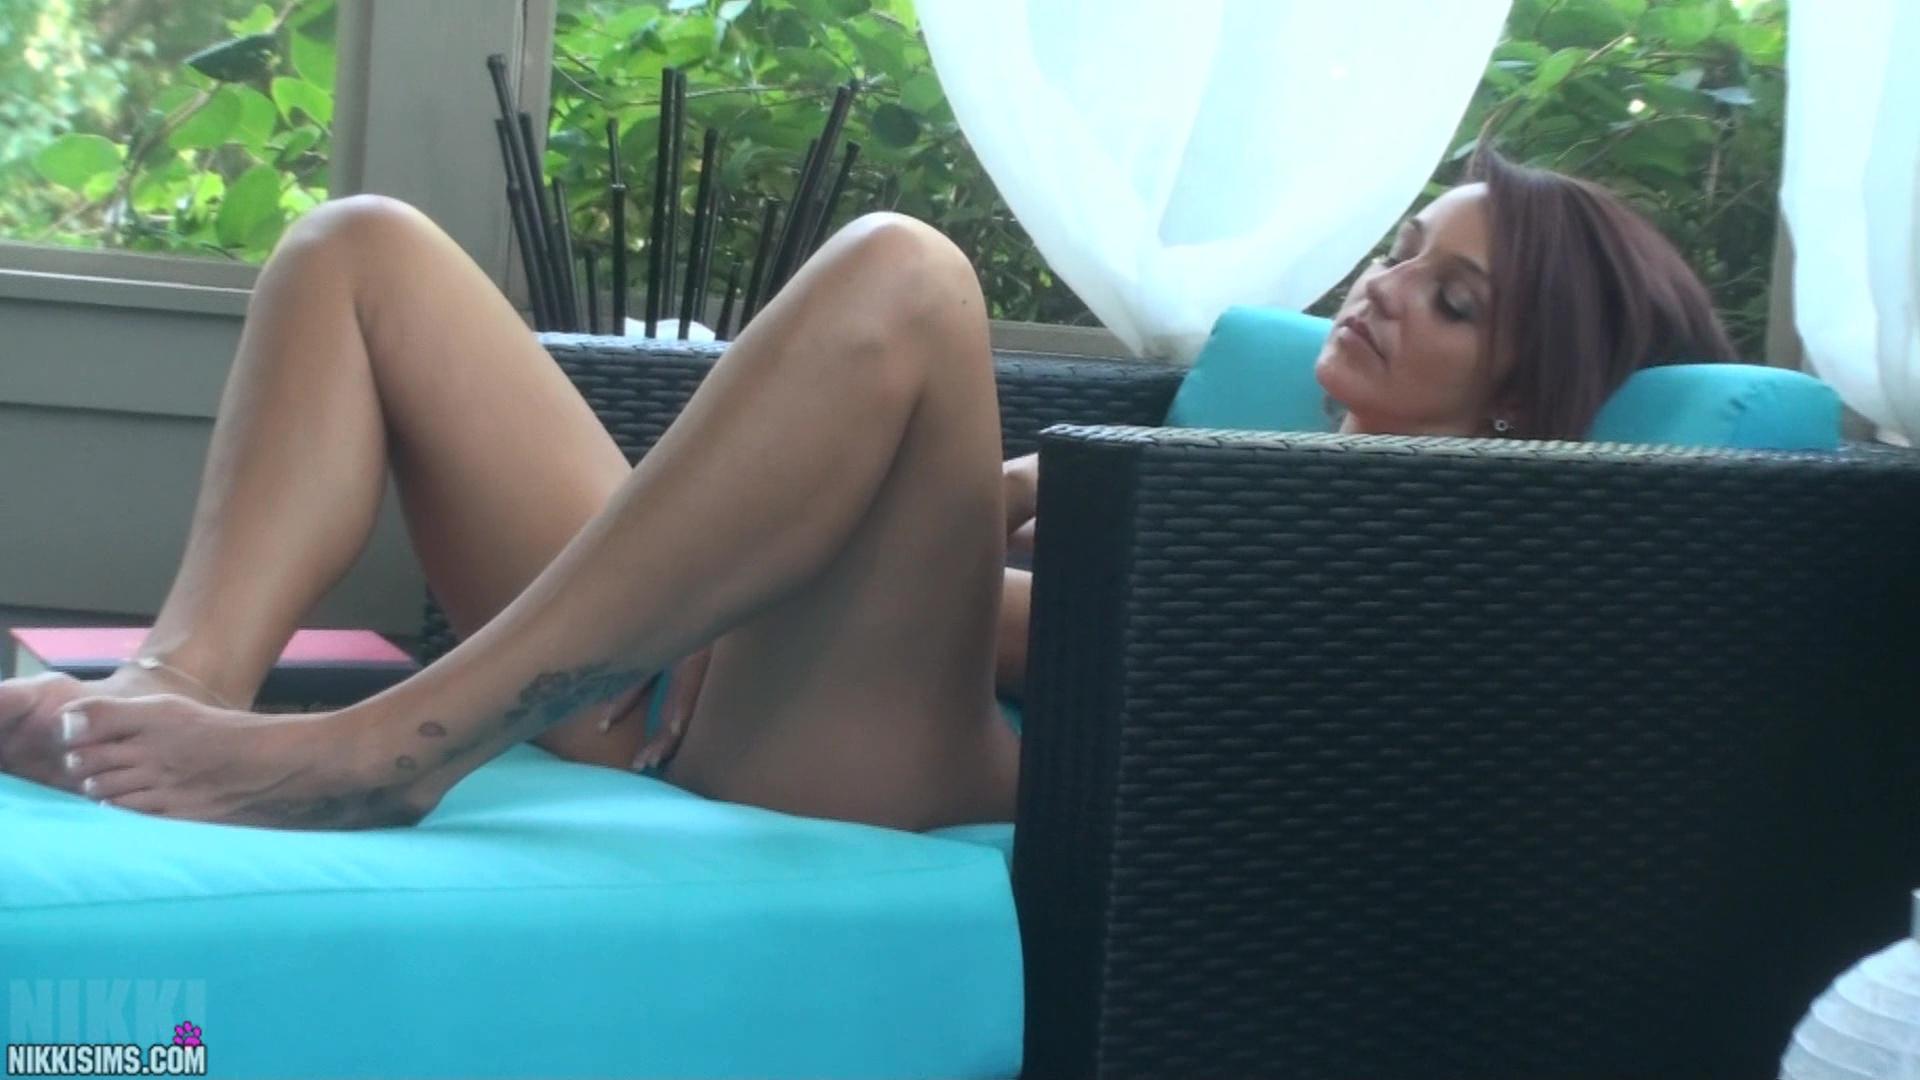 Fresa suicide girl nude